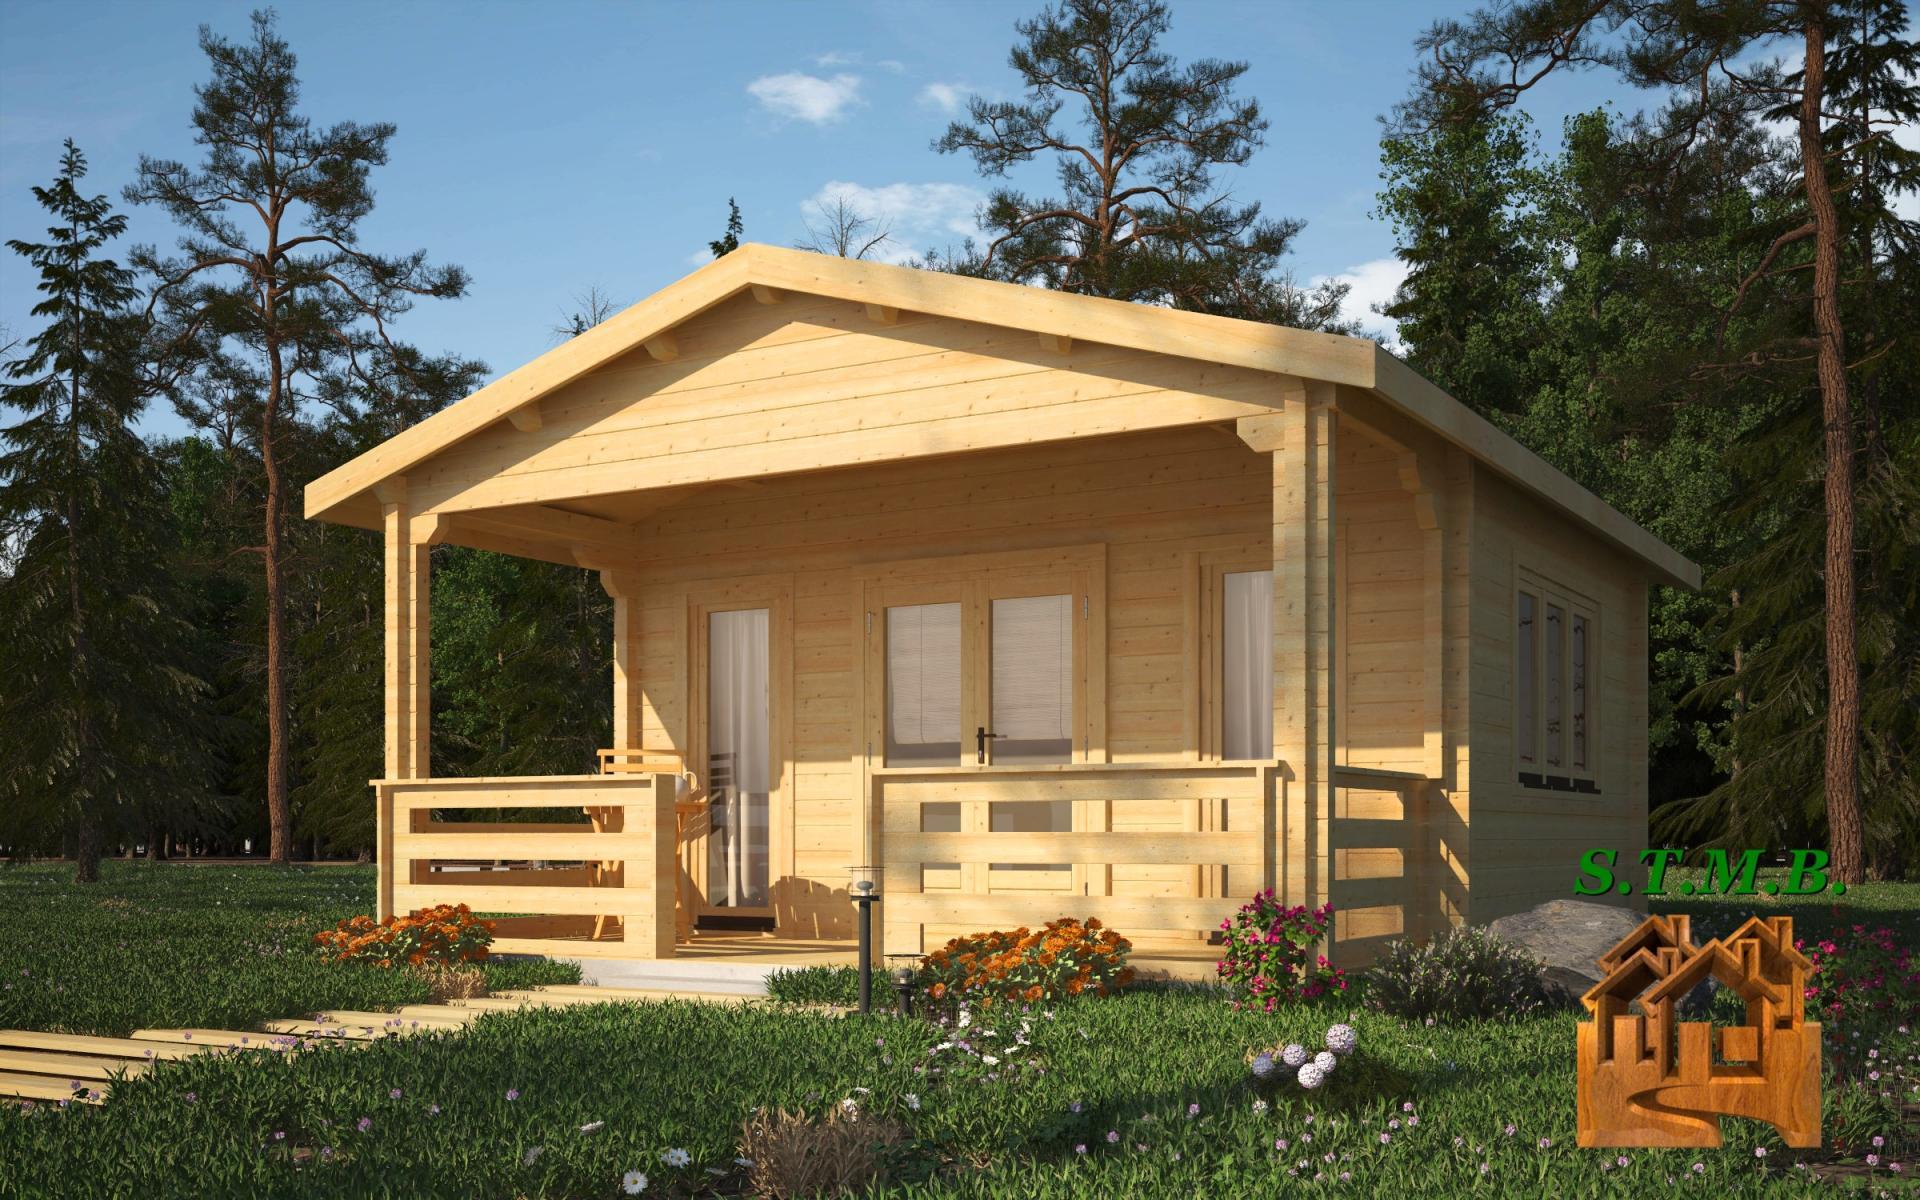 Vivre dans un chalet en bois stmb construction for Construction chalet